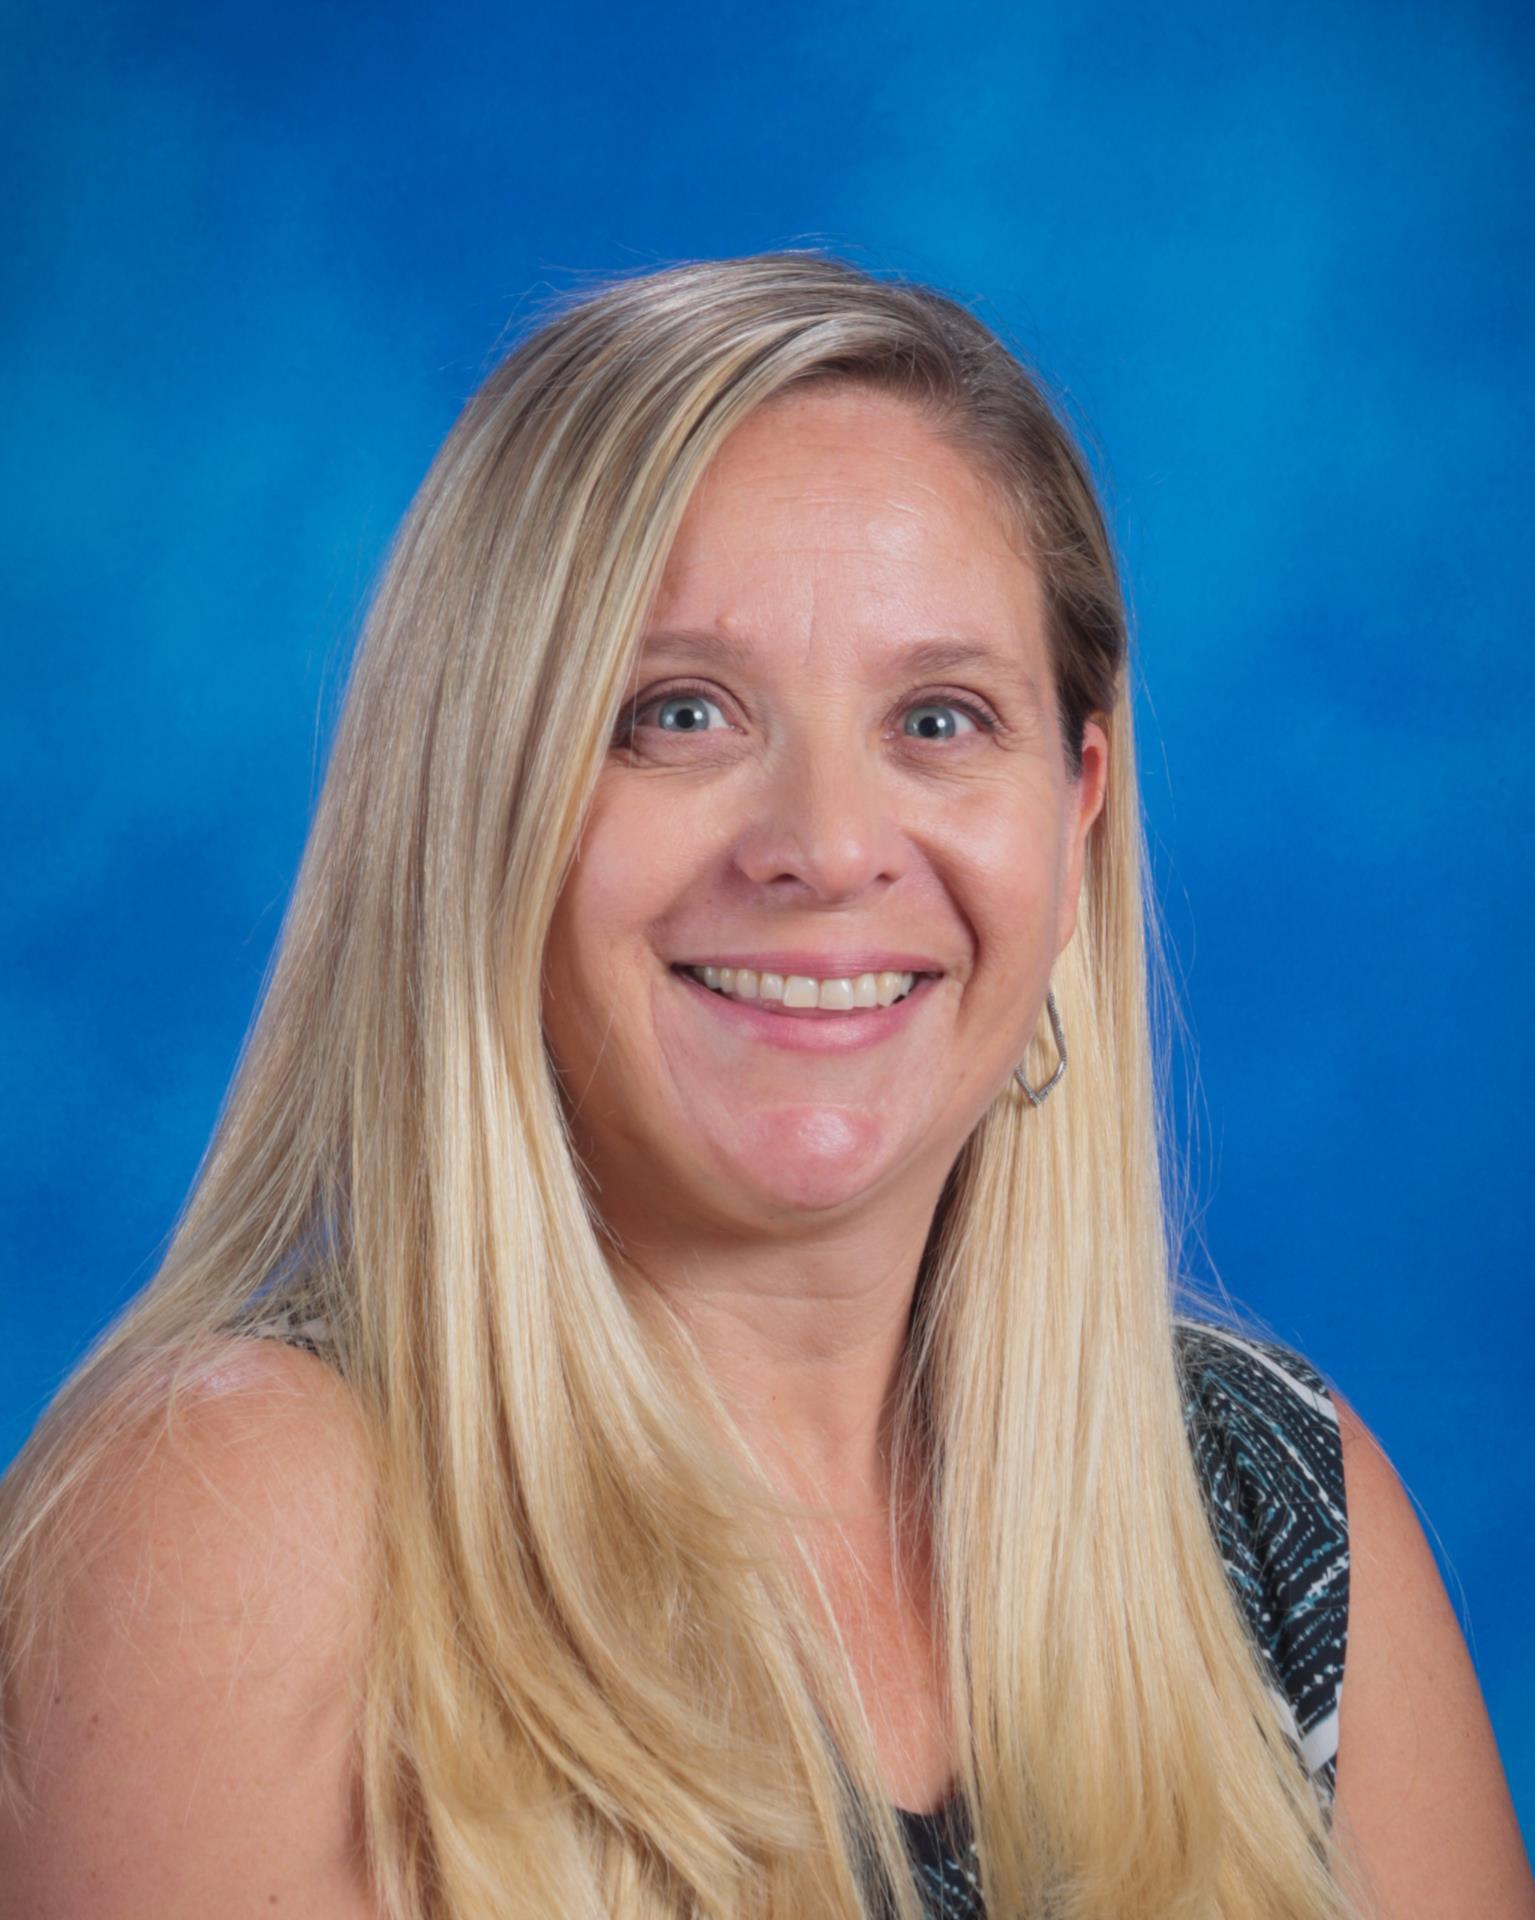 Erin Steinhardt